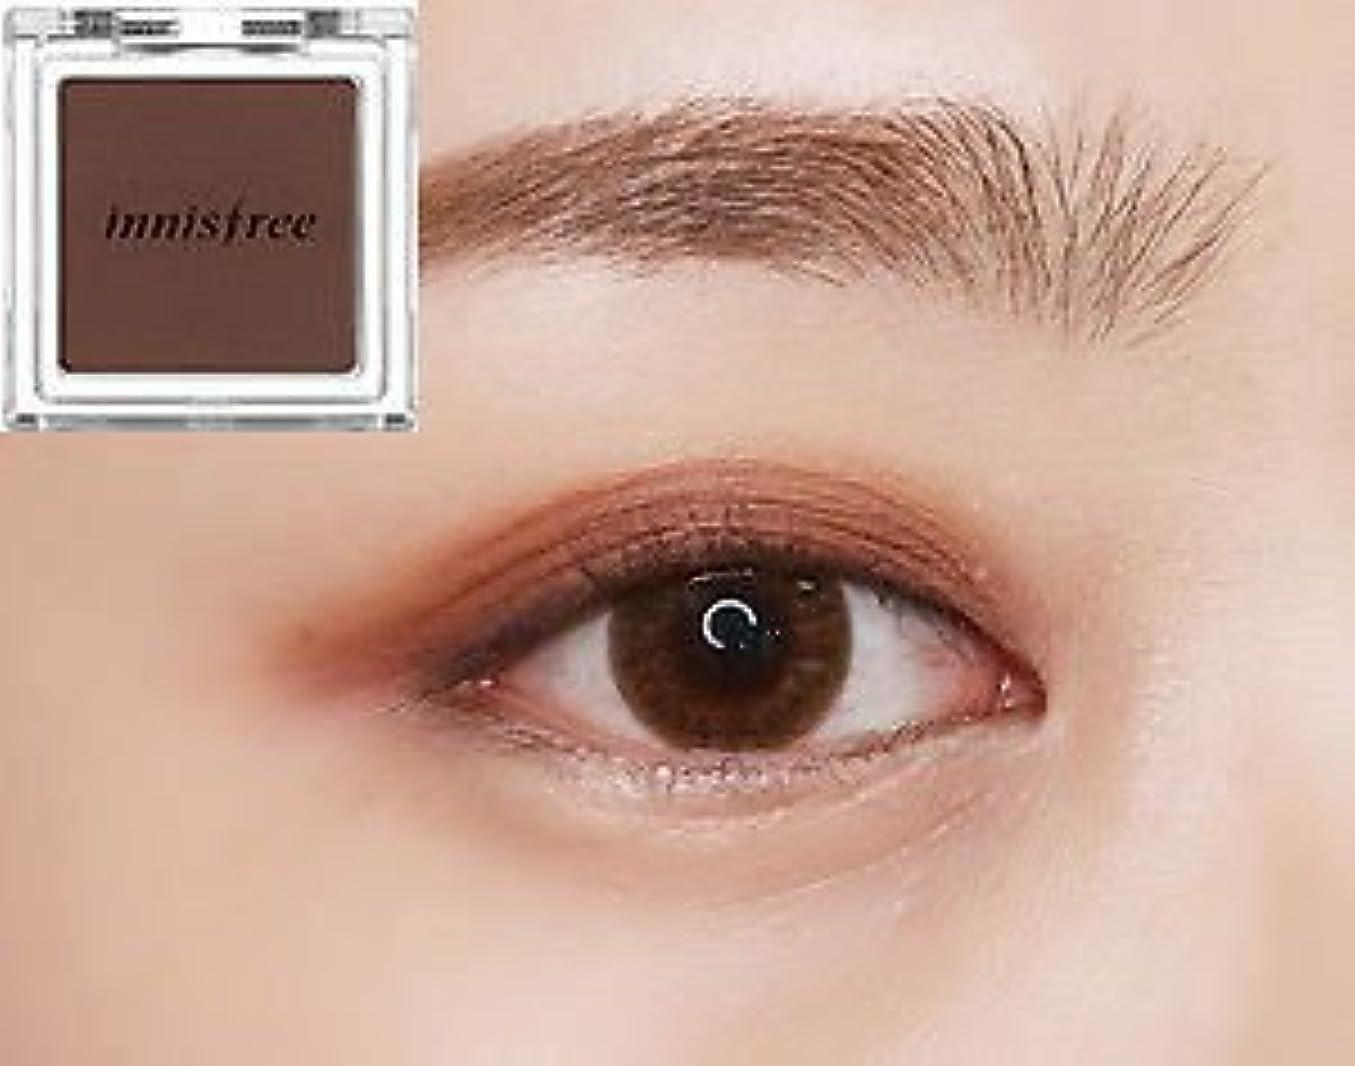 資本主義拡張欠如[イニスフリー] innisfree [マイ パレット マイ アイシャドウ (マット) 40カラー] MY PALETTE My Eyeshadow (Matte) 40 Shades [海外直送品] (マット #15)